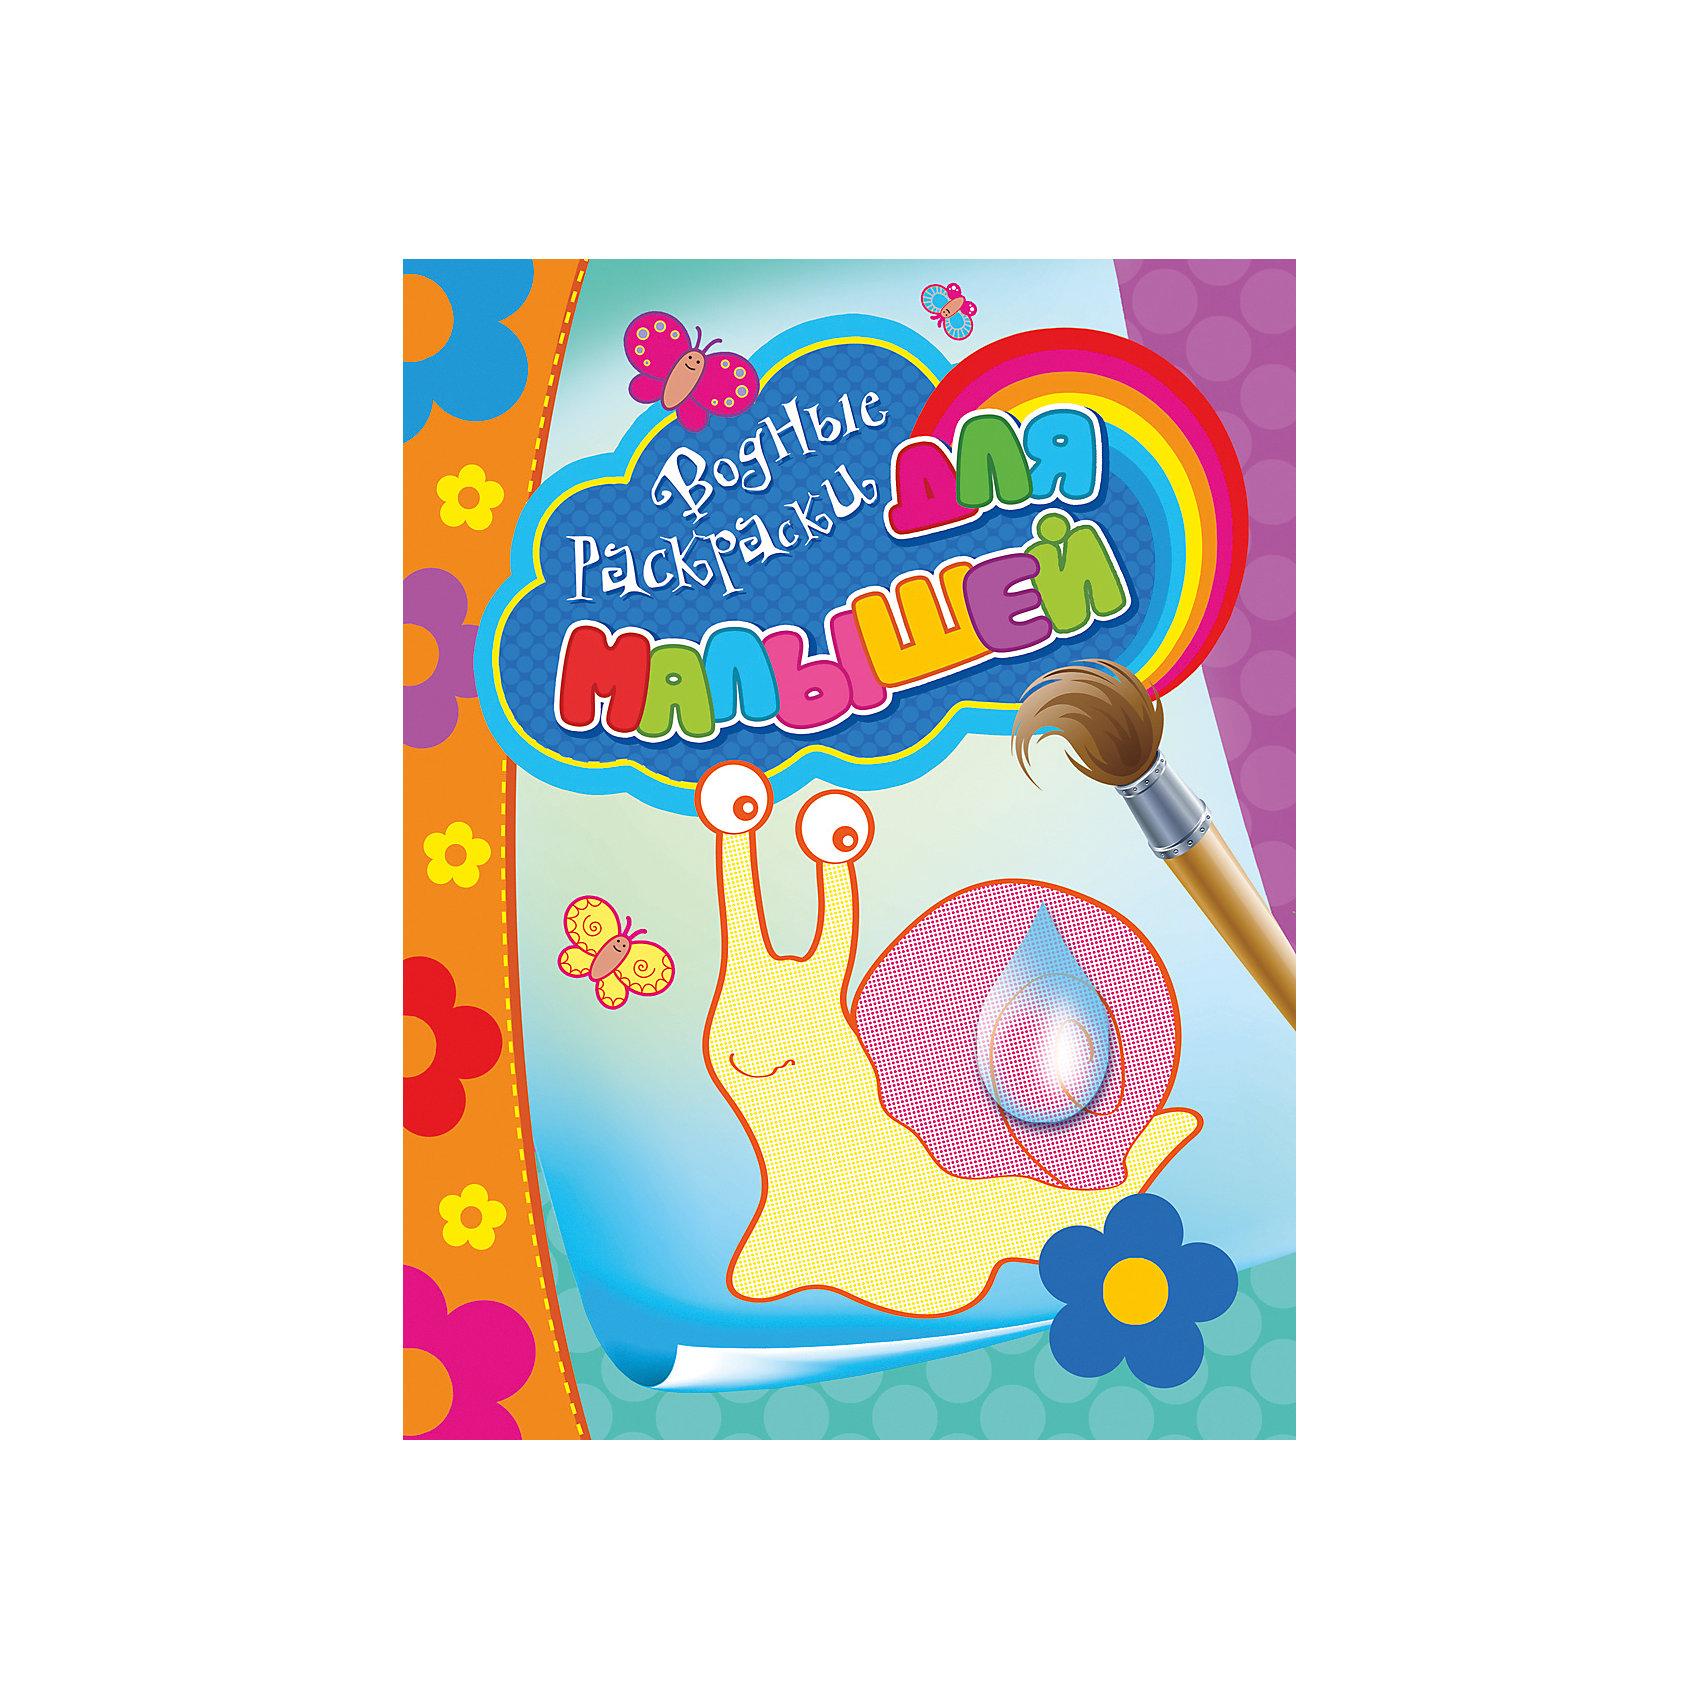 Водные раскраски для малышей УлиткаУважаемые родители!&#13;<br>Перед вами чудесная водная раскраска. Используя кисточку и простую воду, ваш малыш почувствует себя настоящим художником: красивые картинки, как по волшебству, заиграют яркими цветами! Кроме того, раскраска поможет малышу выучить новые слова и расширить представление об окружающем мире.<br><br>Ширина мм: 320<br>Глубина мм: 240<br>Высота мм: 2<br>Вес г: 101<br>Возраст от месяцев: 0<br>Возраст до месяцев: 36<br>Пол: Унисекс<br>Возраст: Детский<br>SKU: 5076565